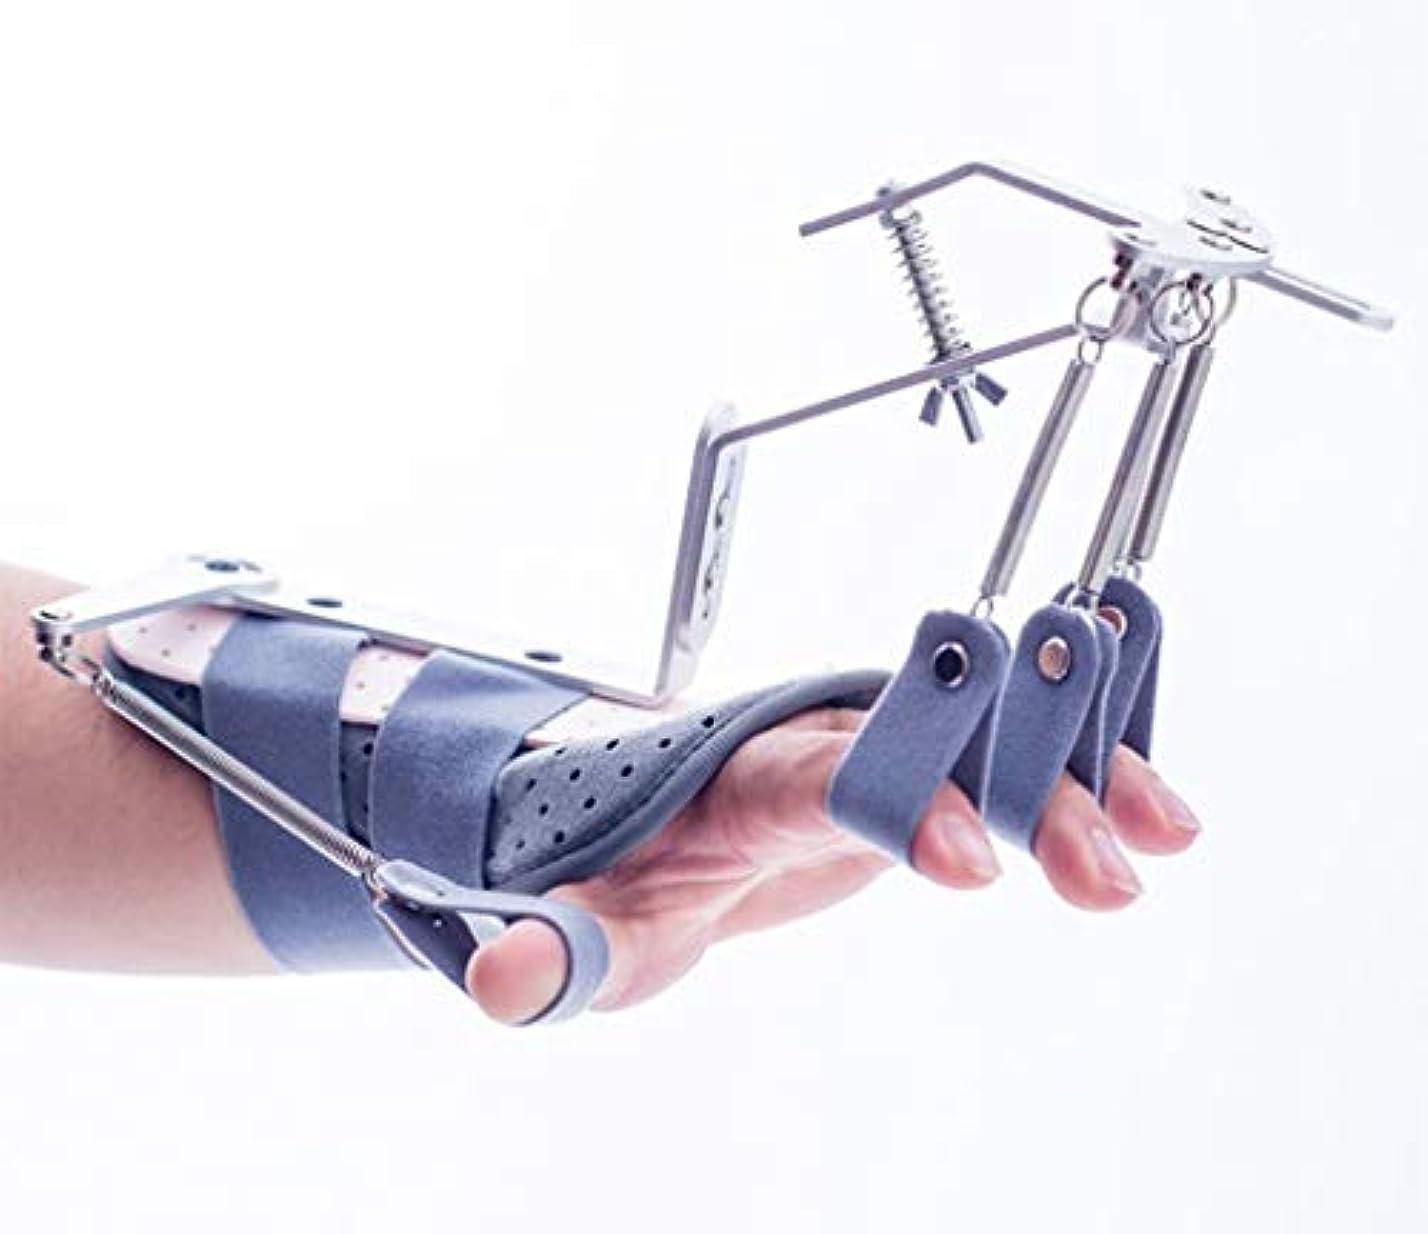 後世使用法イソギンチャク手指装具 フィンガーエクササイザー機器 適切な 脳梗塞の場合 血栓症脳卒中部 片麻痺保護